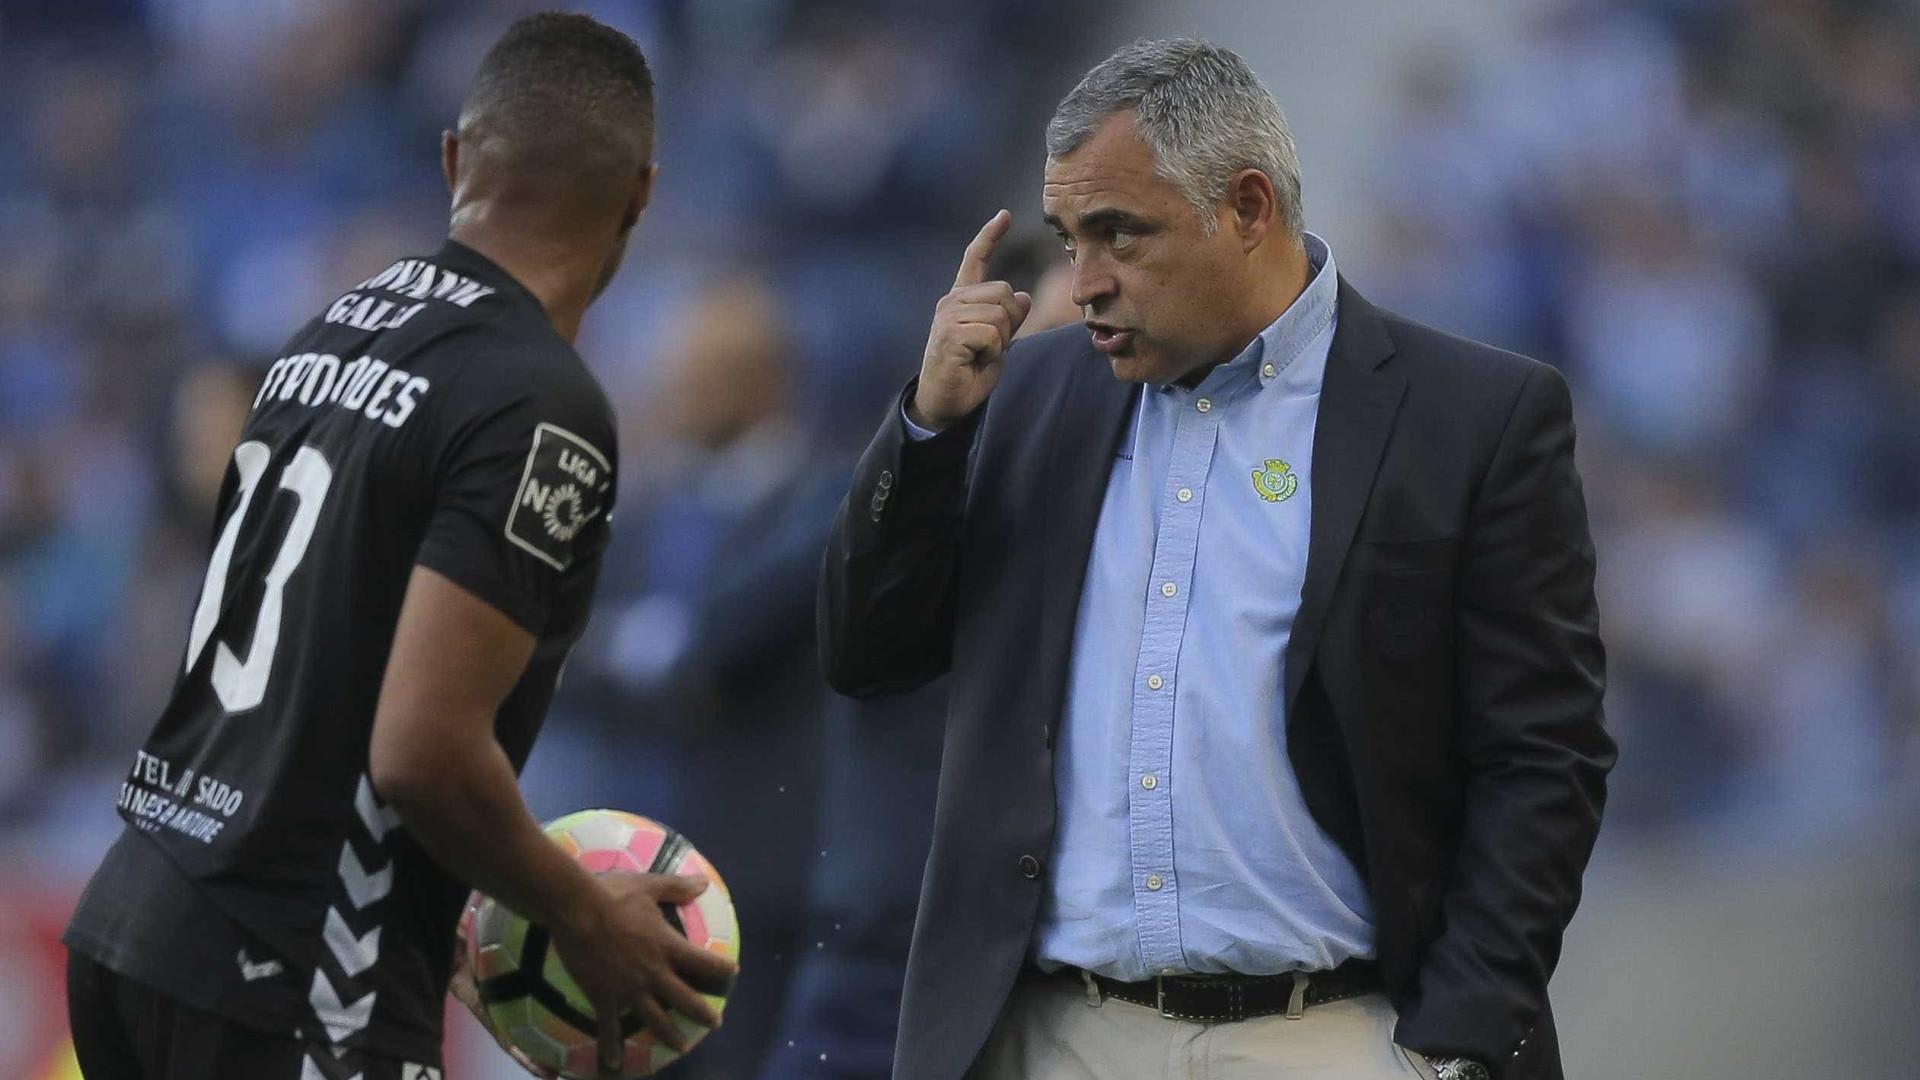 """Couceiro rejeita rótulo de """"postura defensiva"""" diante do FC Porto"""